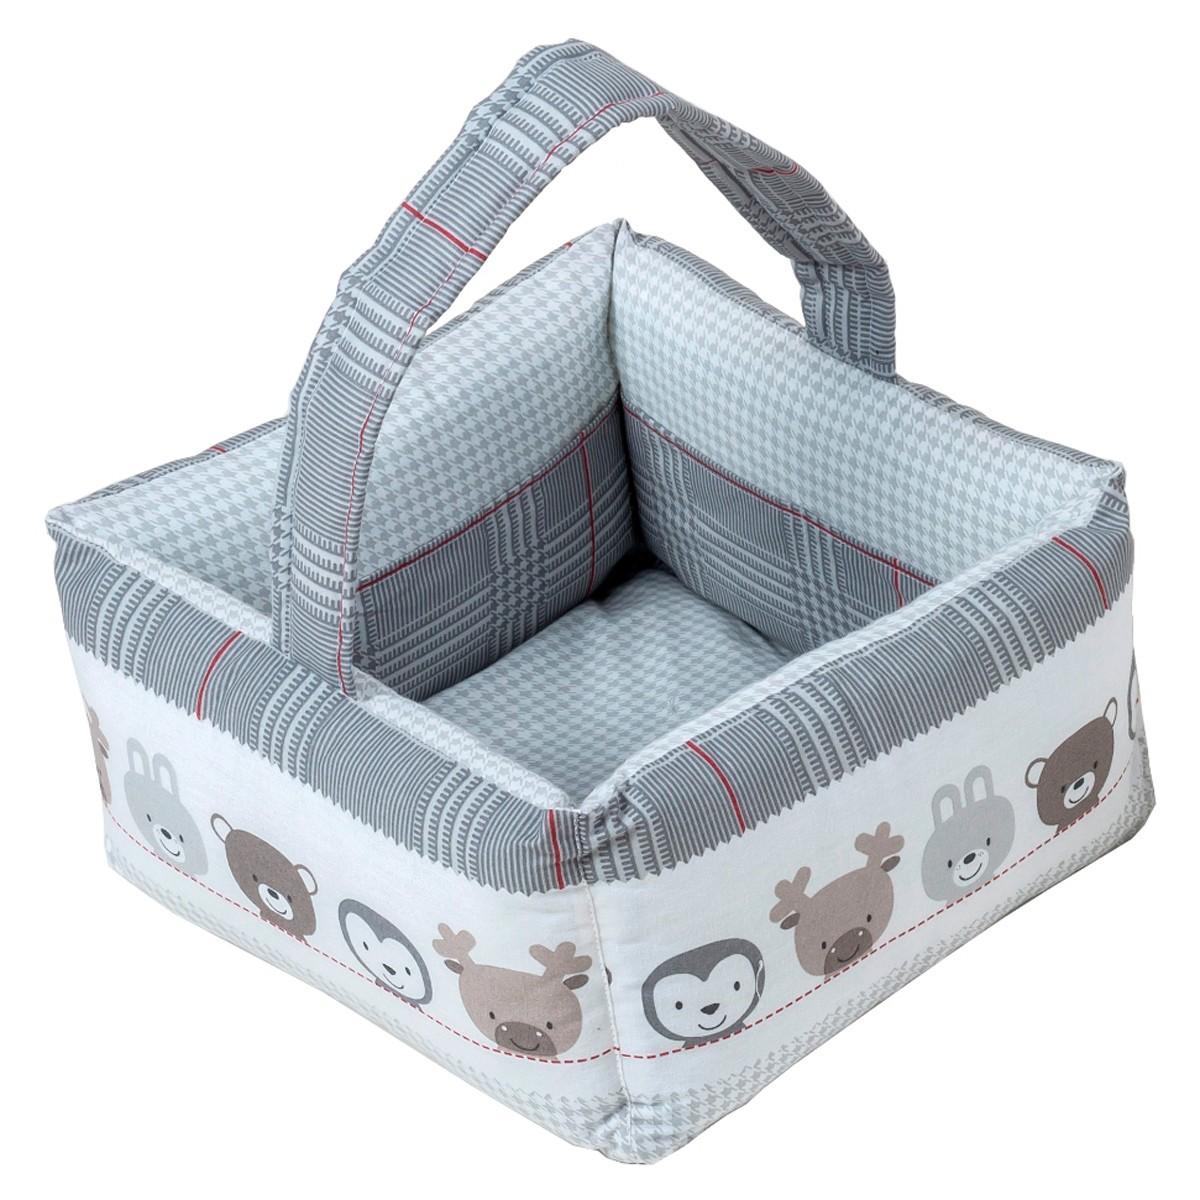 Καλαθάκι Καλλυντικών Κόσμος Του Μωρού Hug 0684 Γκρι